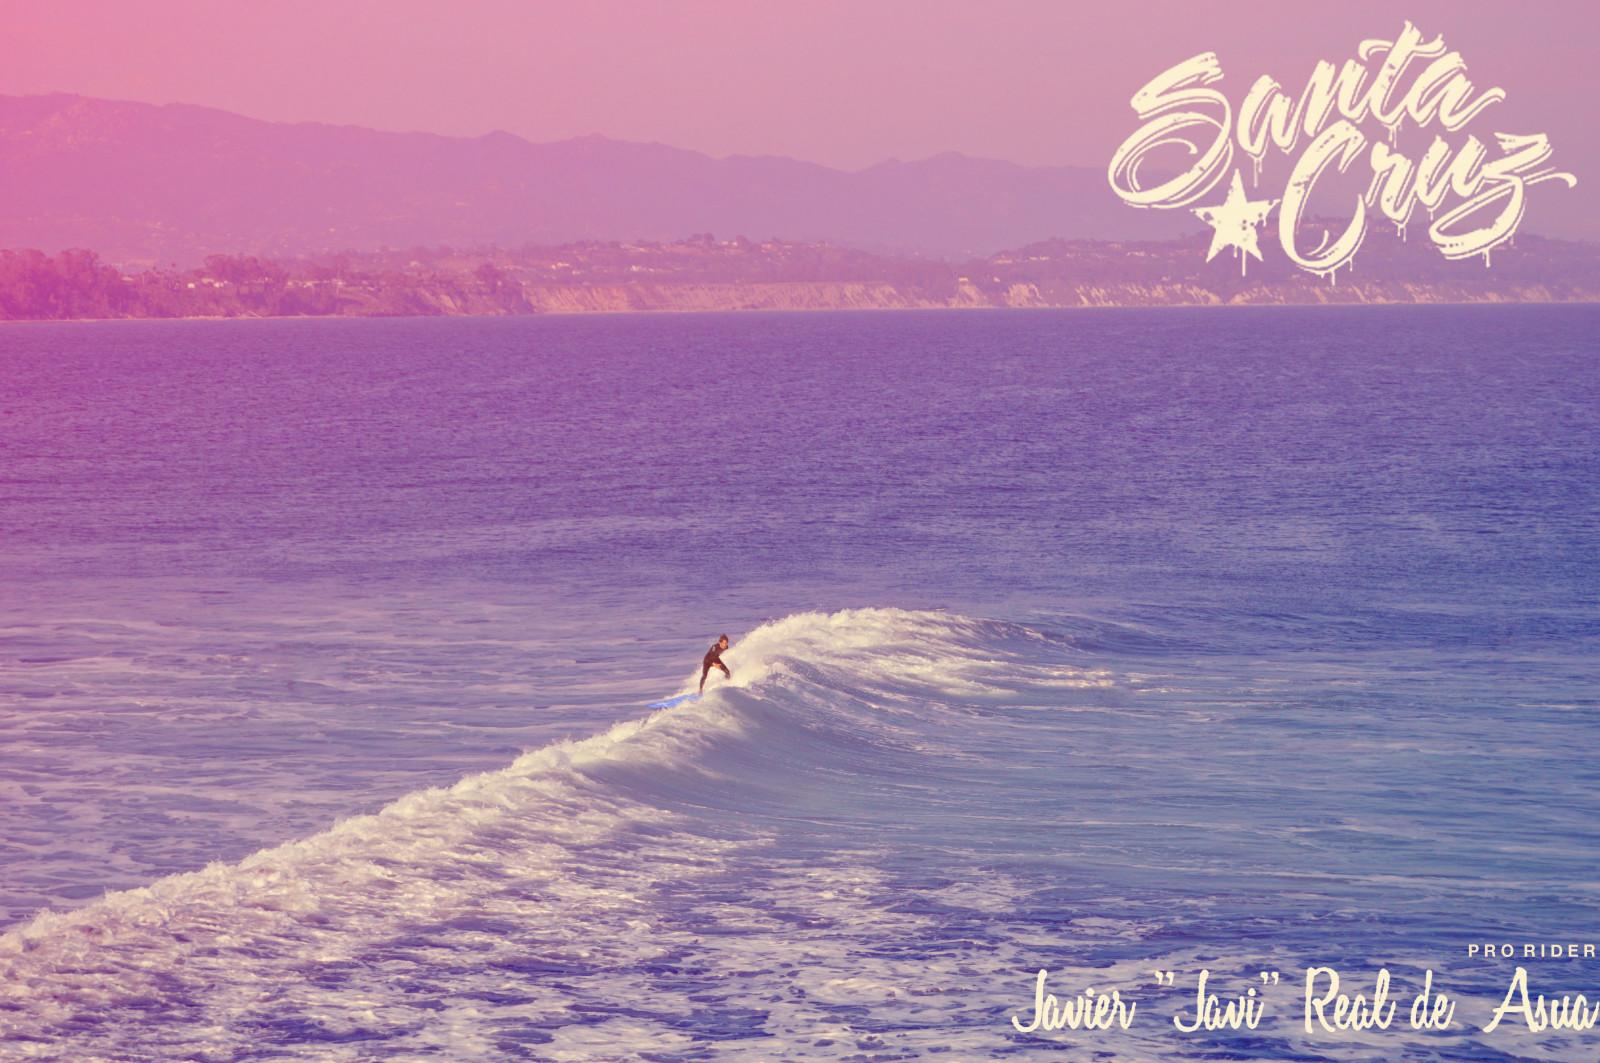 デスクトップ壁紙 Photoshop 日没 日の出 朝 海岸 フィルタ 地平線 夕暮れ サーフィン サンタクルーズカリフォルニア 夜明け 海洋 地球の雰囲気 風の波 6016x4000 Kejsirajbek デスクトップ壁紙 Wallhere